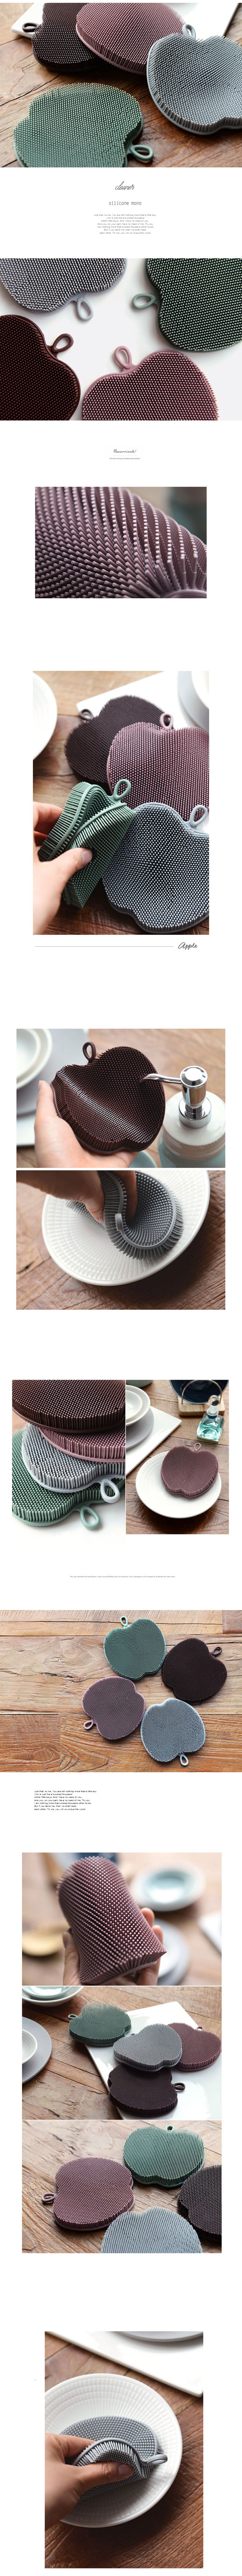 파스텔 실리콘 애플수세미(4color)lovesweety - 꾸미기 좋은날, 4,800원, 기타 주방소품, 기타 주방소품